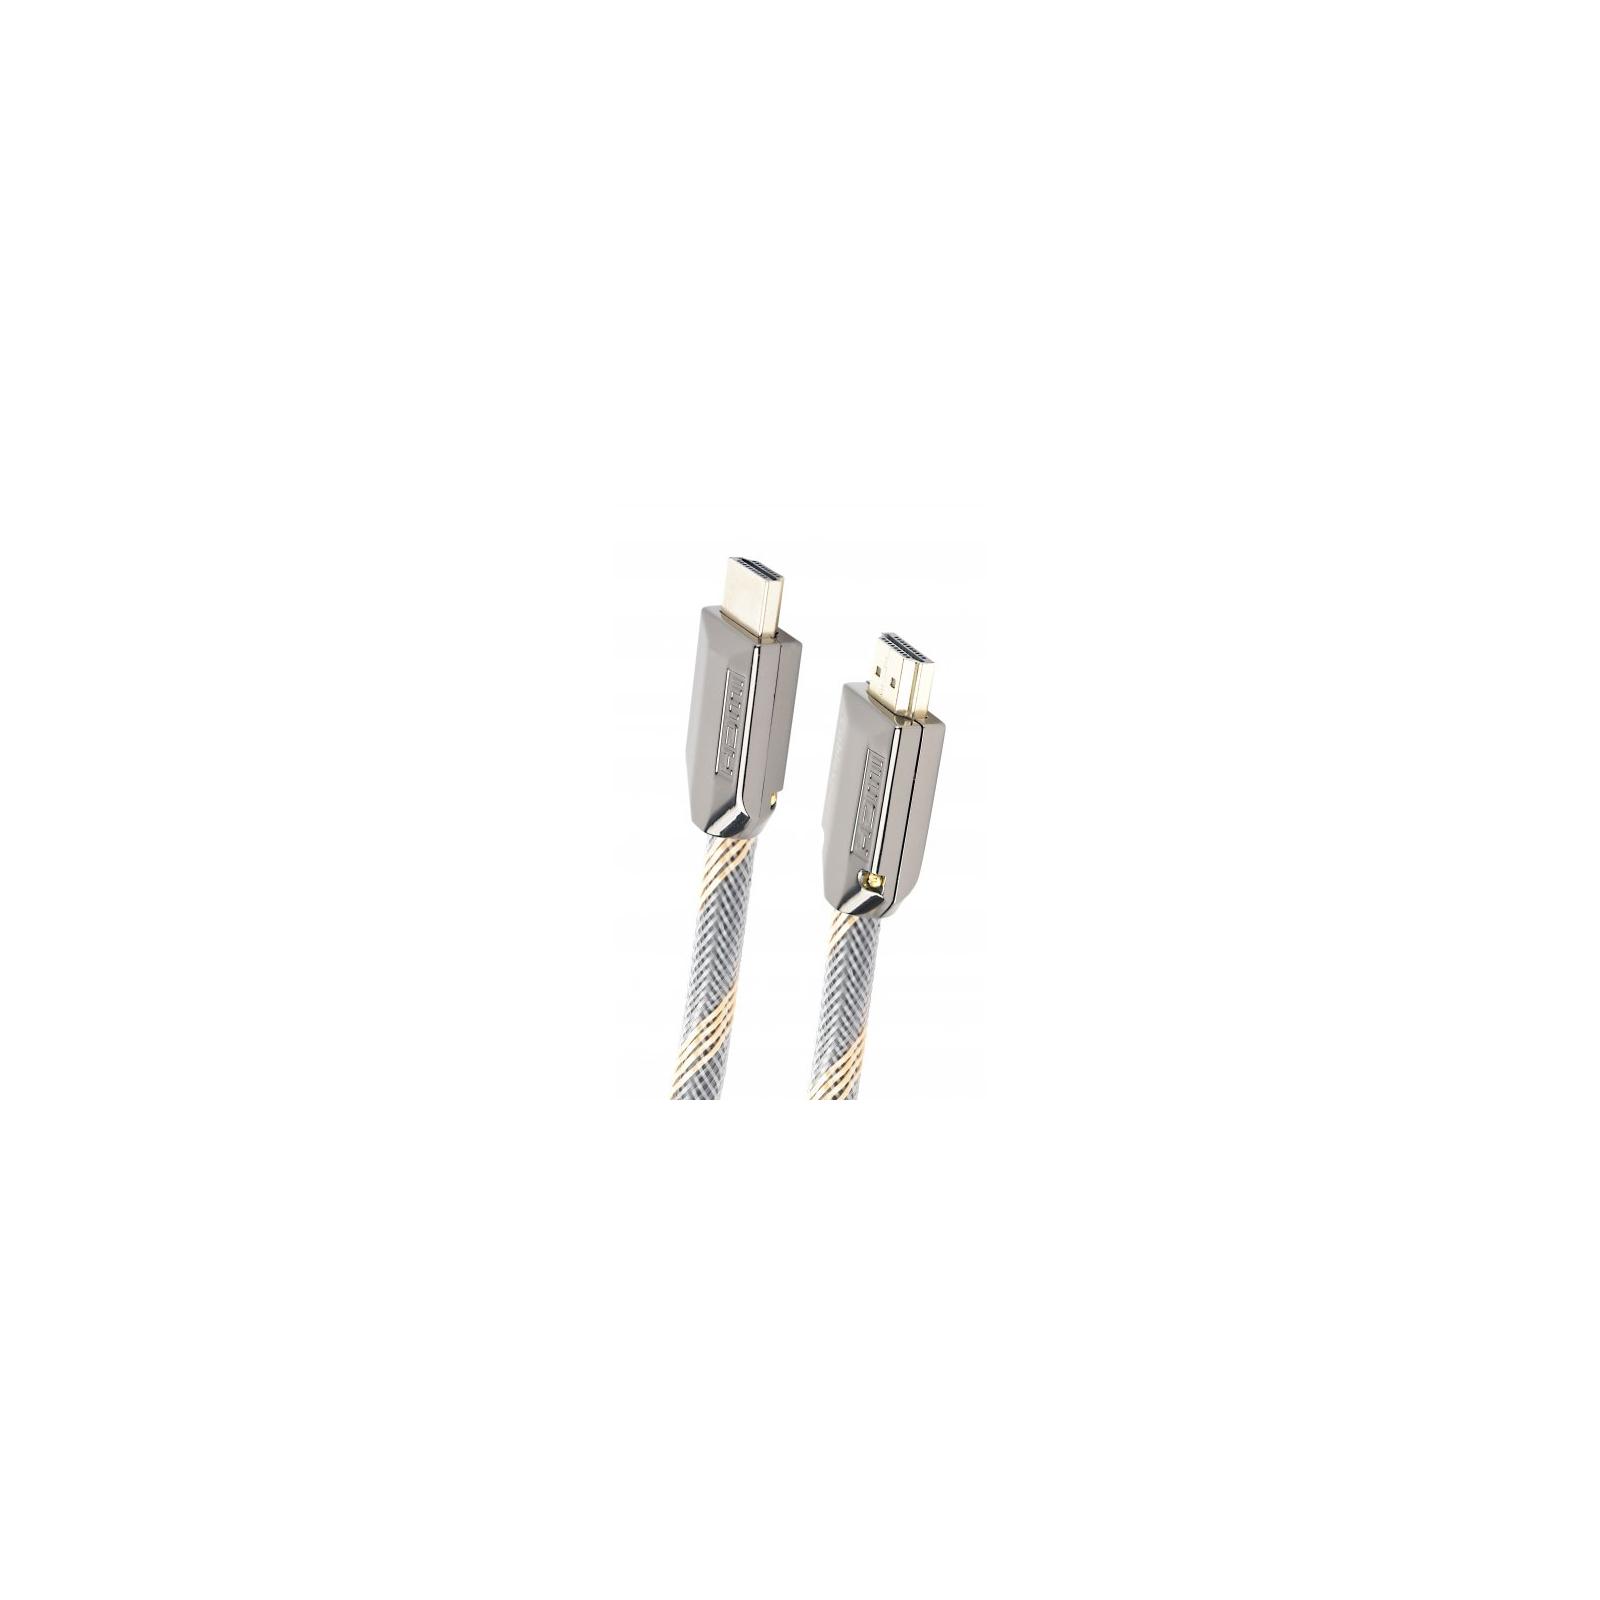 Кабель мультимедийный HDMI to HDMI 1.0m V2.0b Cablexpert (CCBP-HDMIPCC-1M) изображение 2